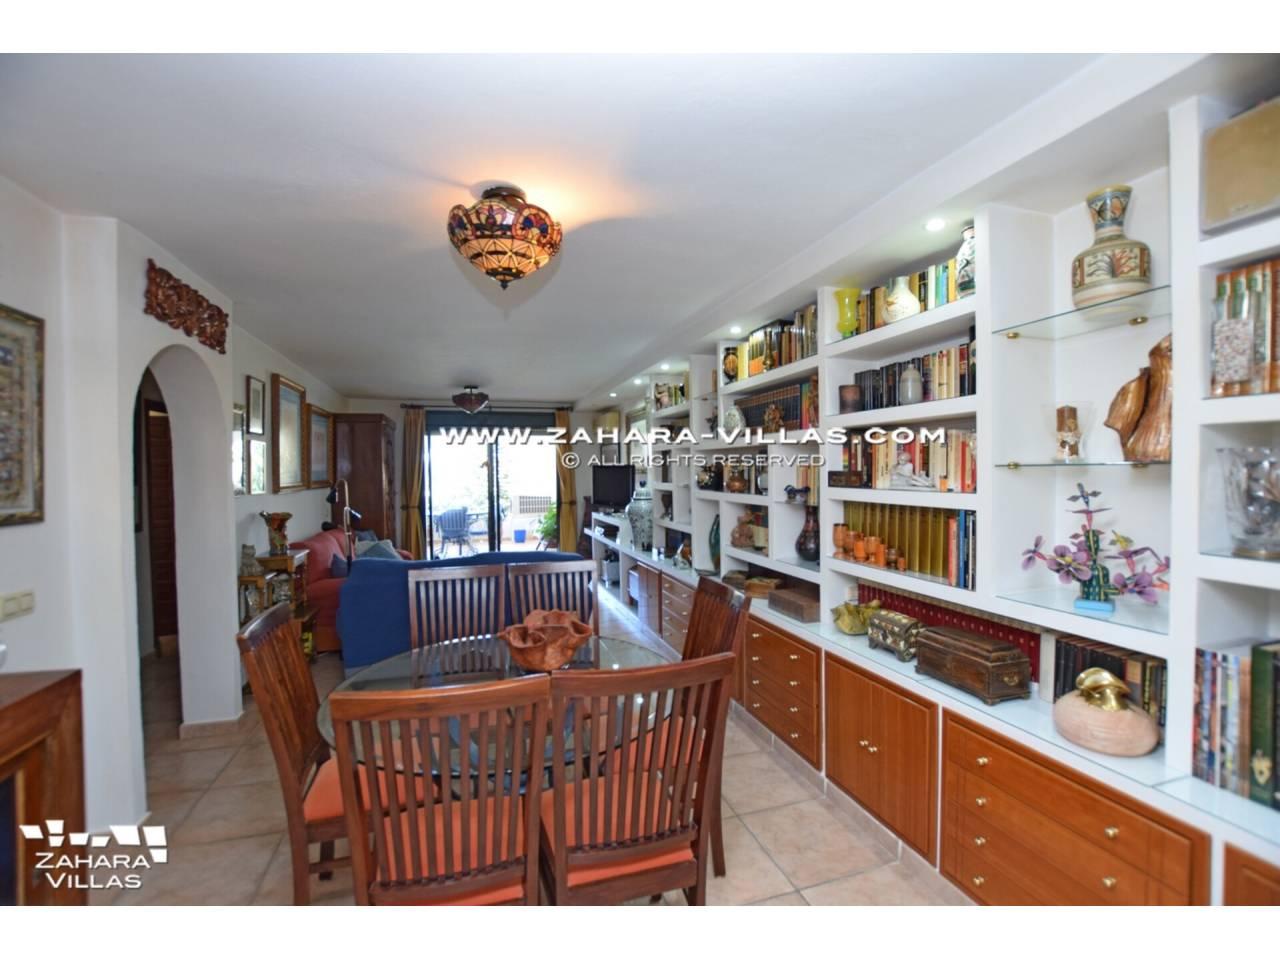 Imagen 8 de Apartamento en venta en urbanización Jardines de Zahara - Atlanterra